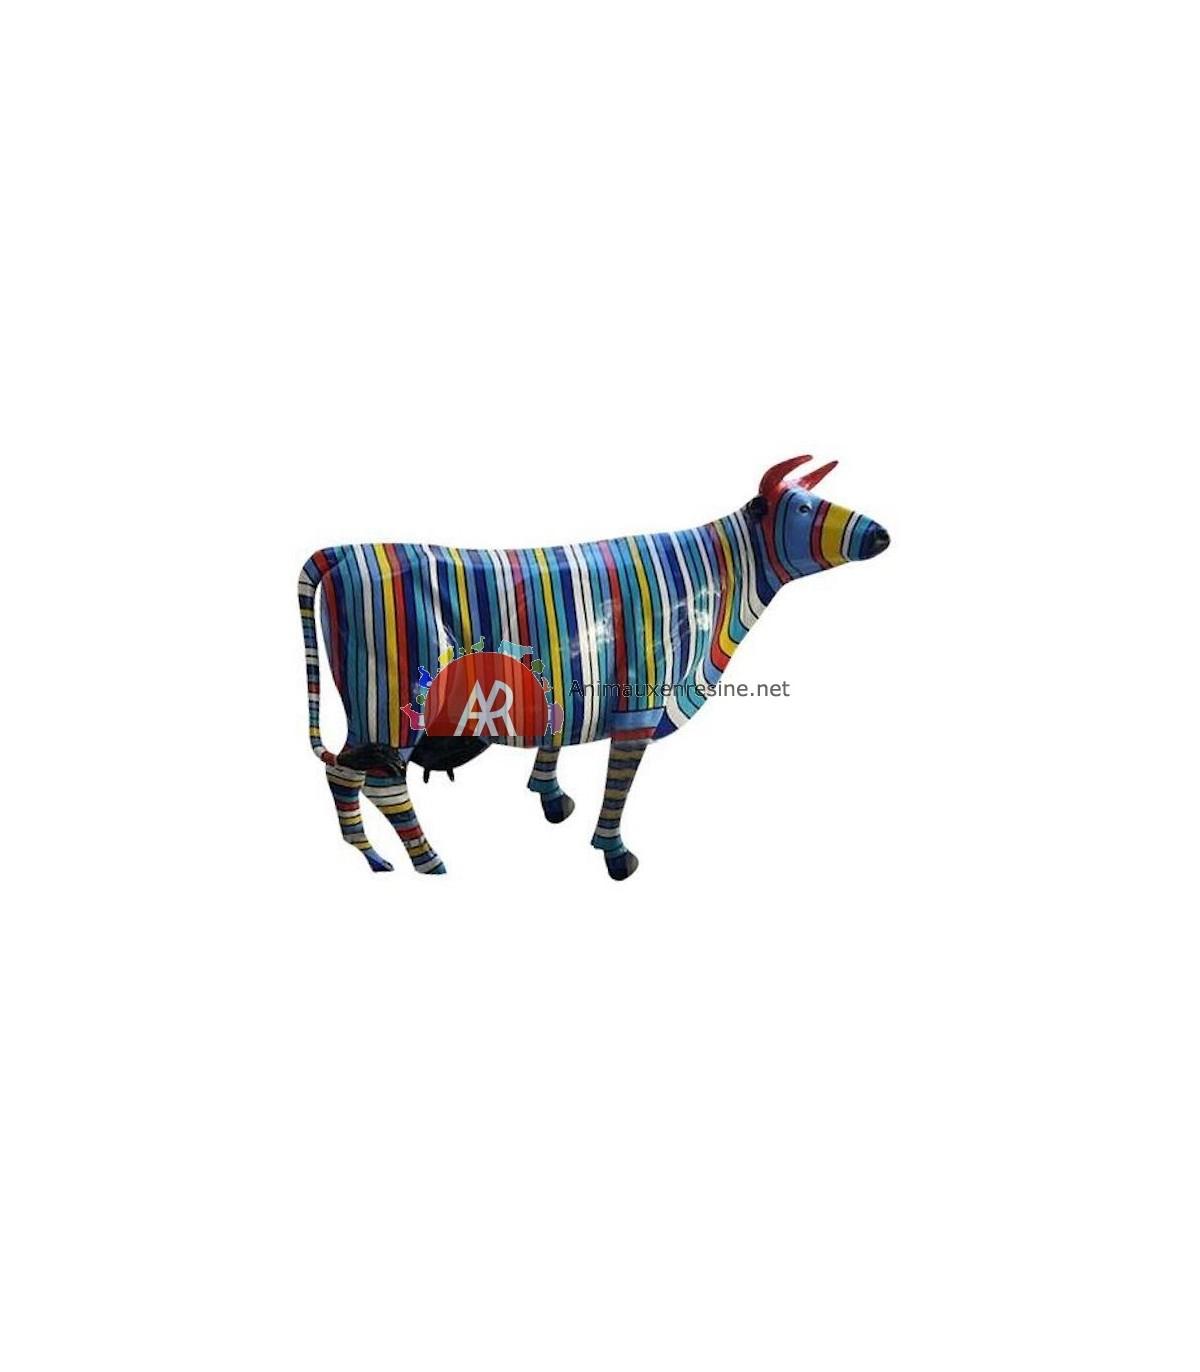 Vache En Resine Pour Jardin En Résine Multicolore Xxl | Animauxenresine serapportantà Nain De Jardin Fuck